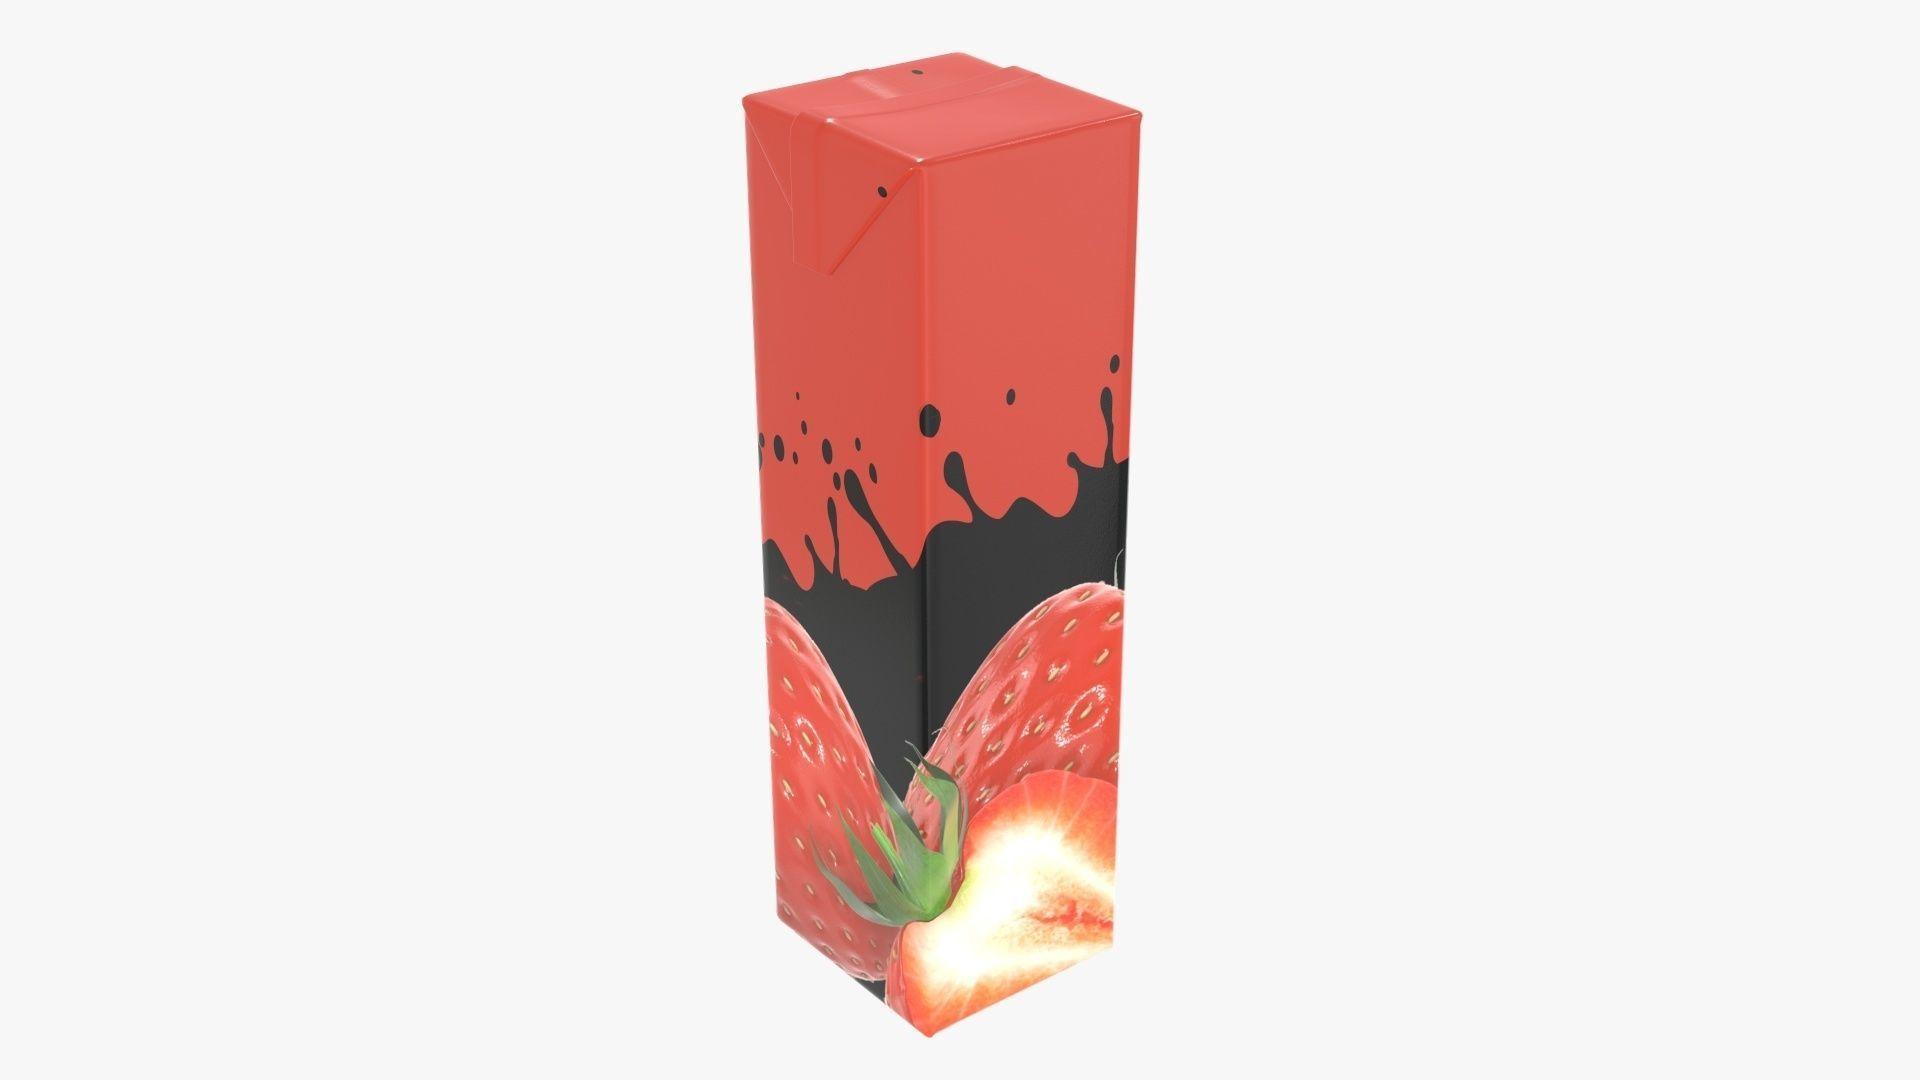 Juice 1000ml cardboard box packaging slim